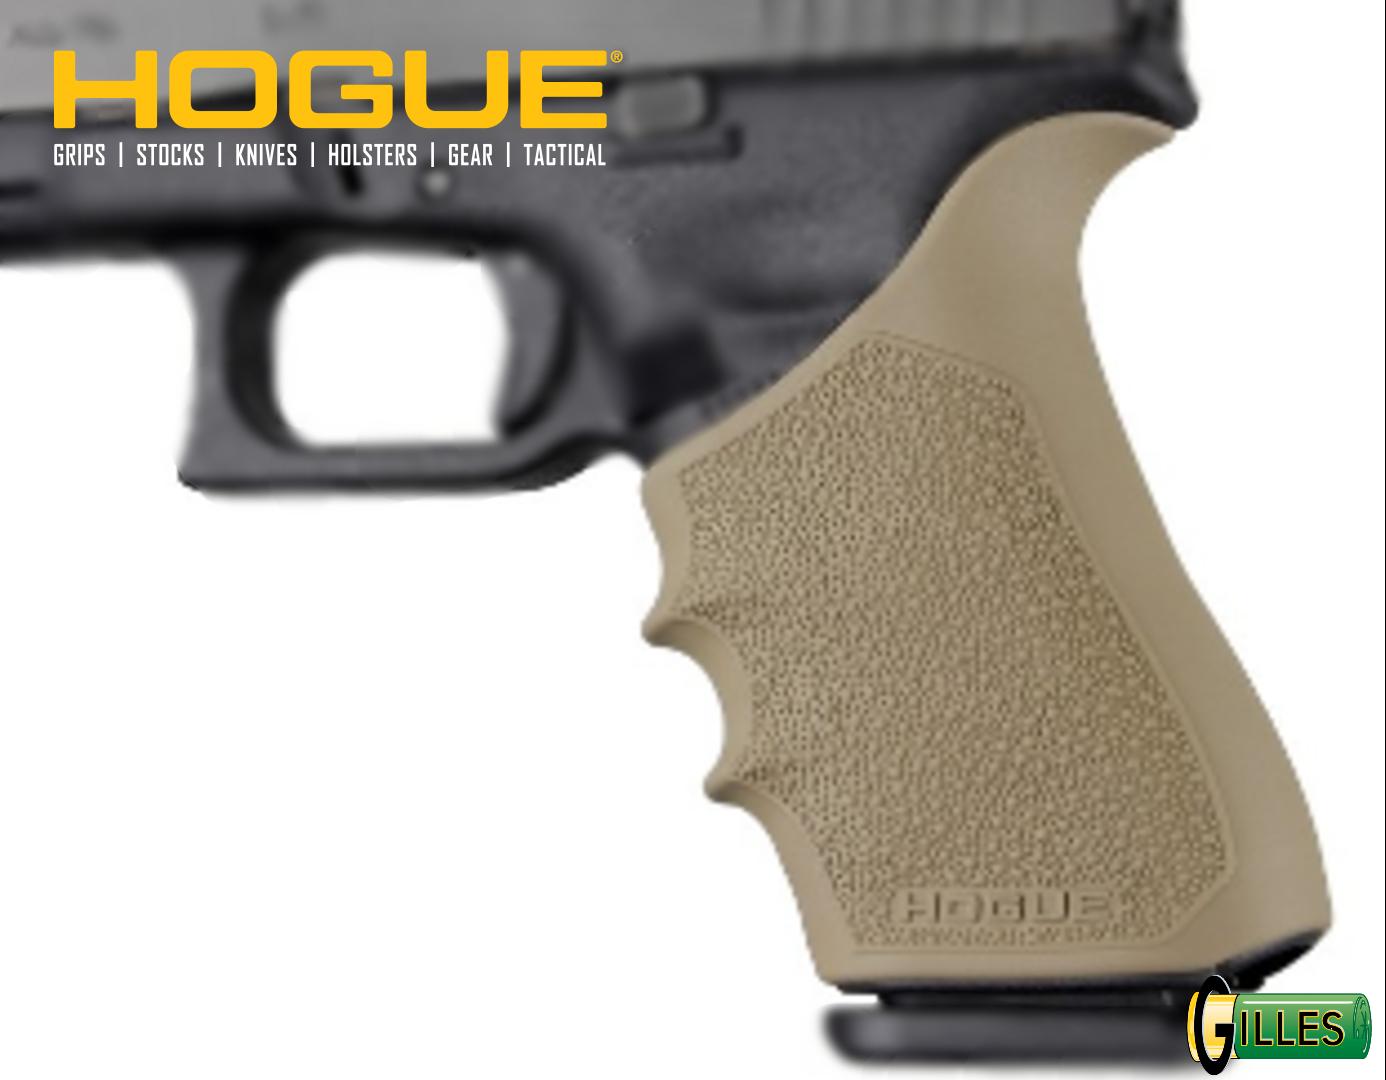 Poignée HOGUE pour Glock 17 Gen1,2 et 5